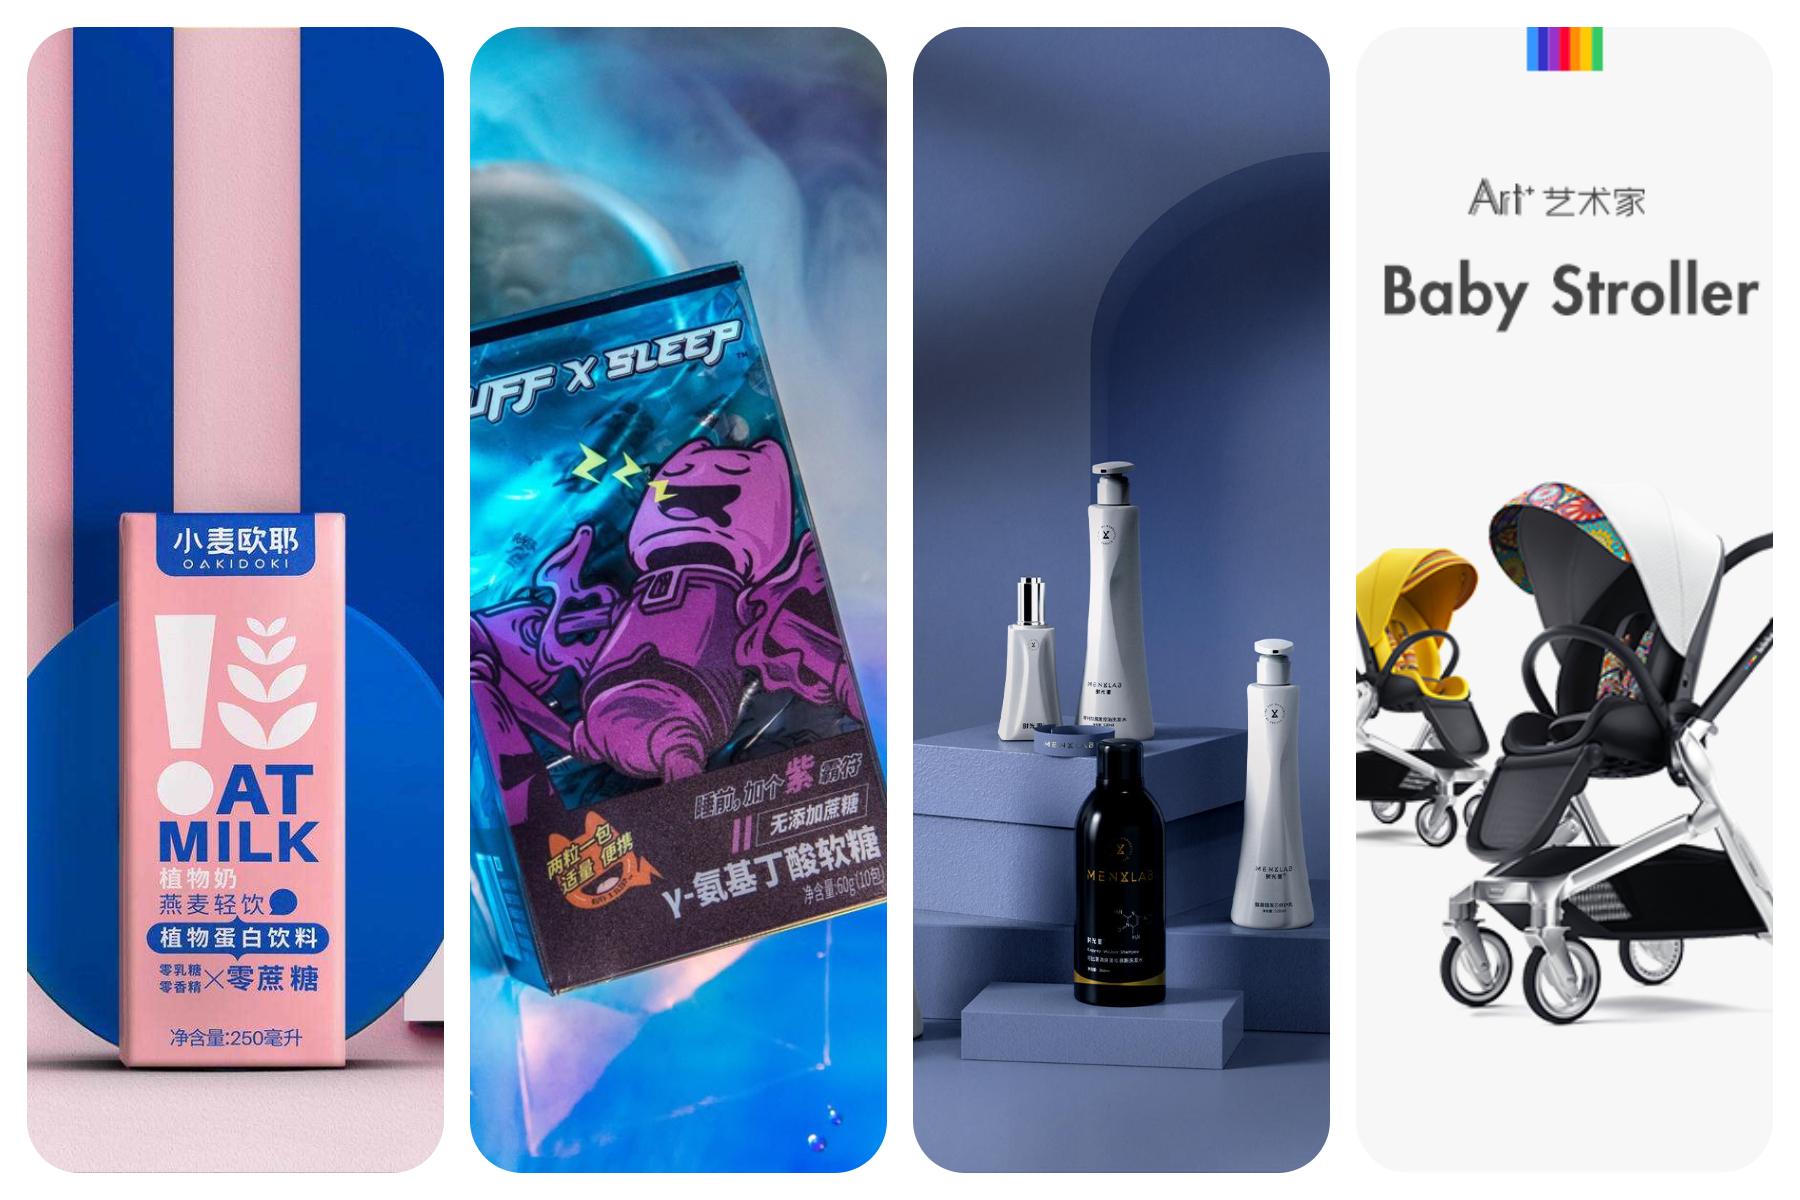 【华丽中国投资周报】2020/09/26~2020/10/16